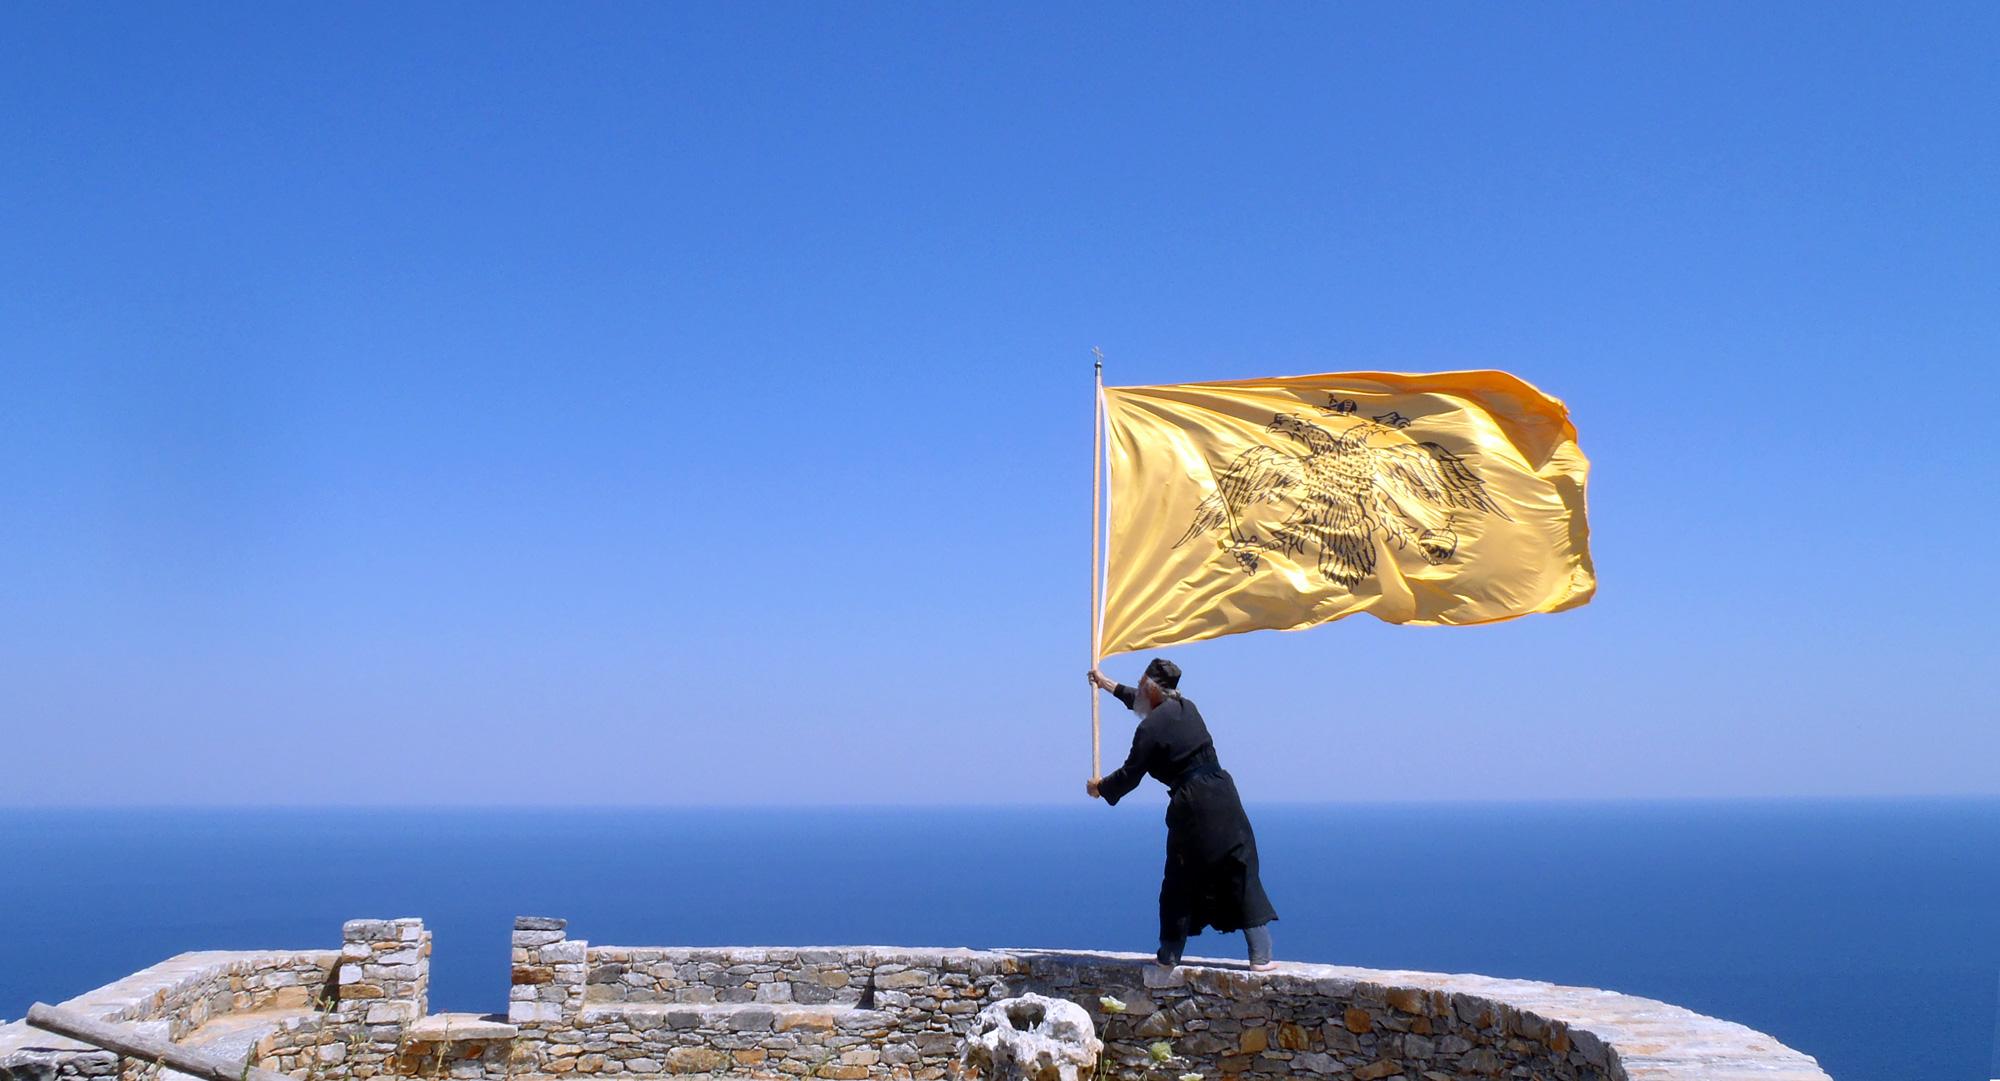 Αποτέλεσμα εικόνας για μοναχος σημαία